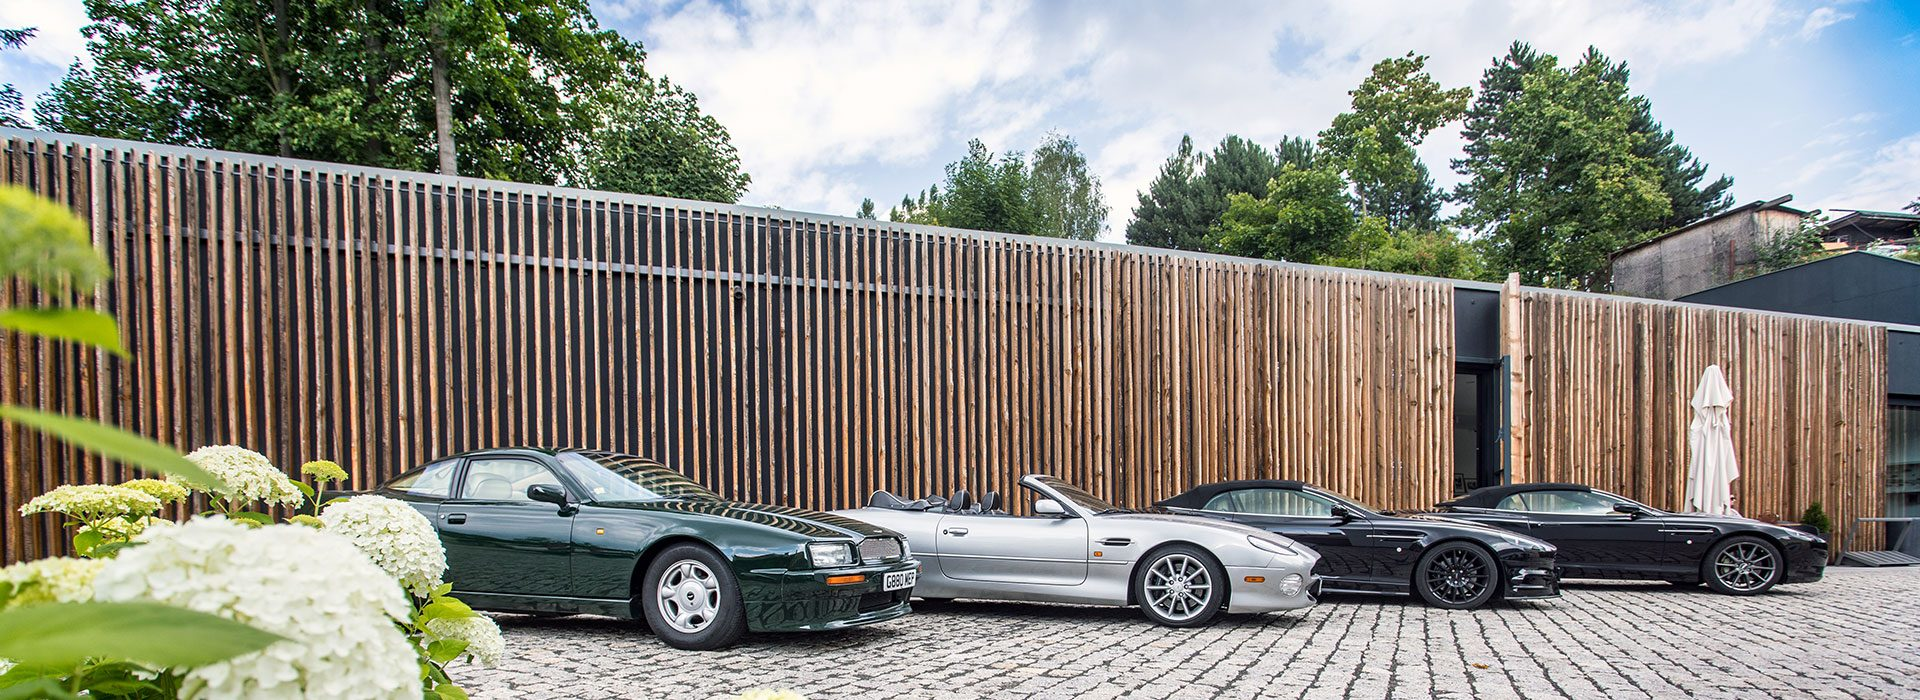 Pronájem klasických aut